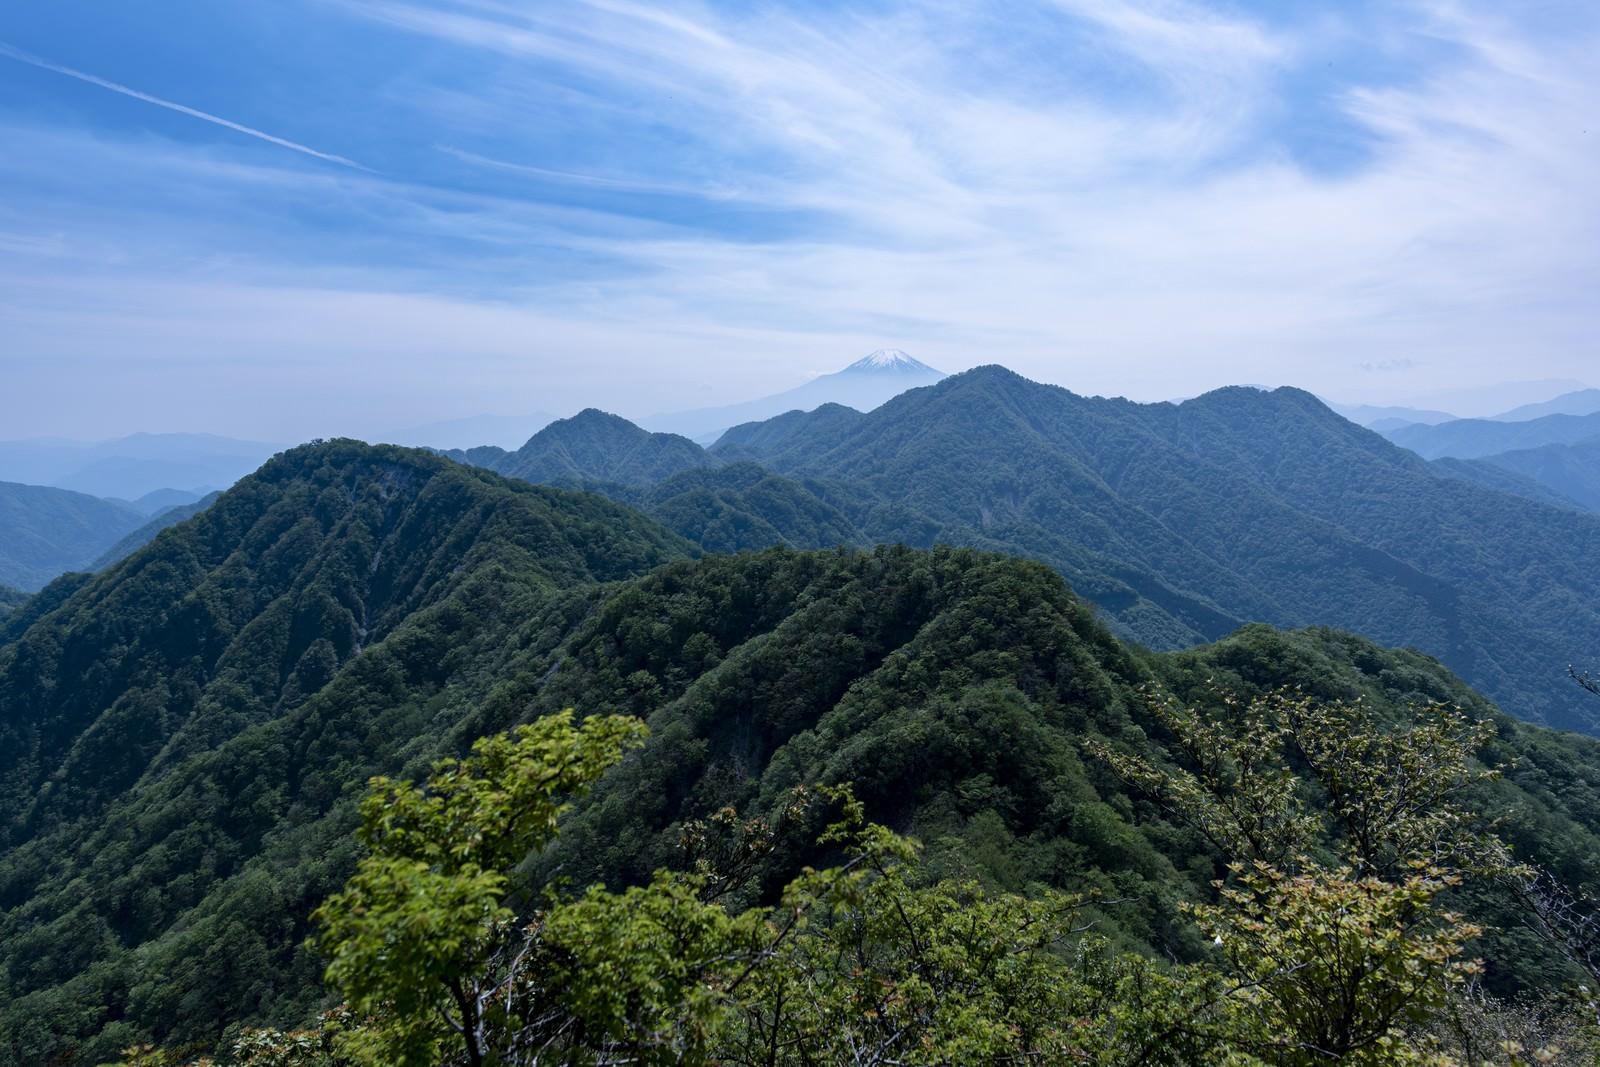 「蛭ヶ岳主稜の山並みと富士山」の写真